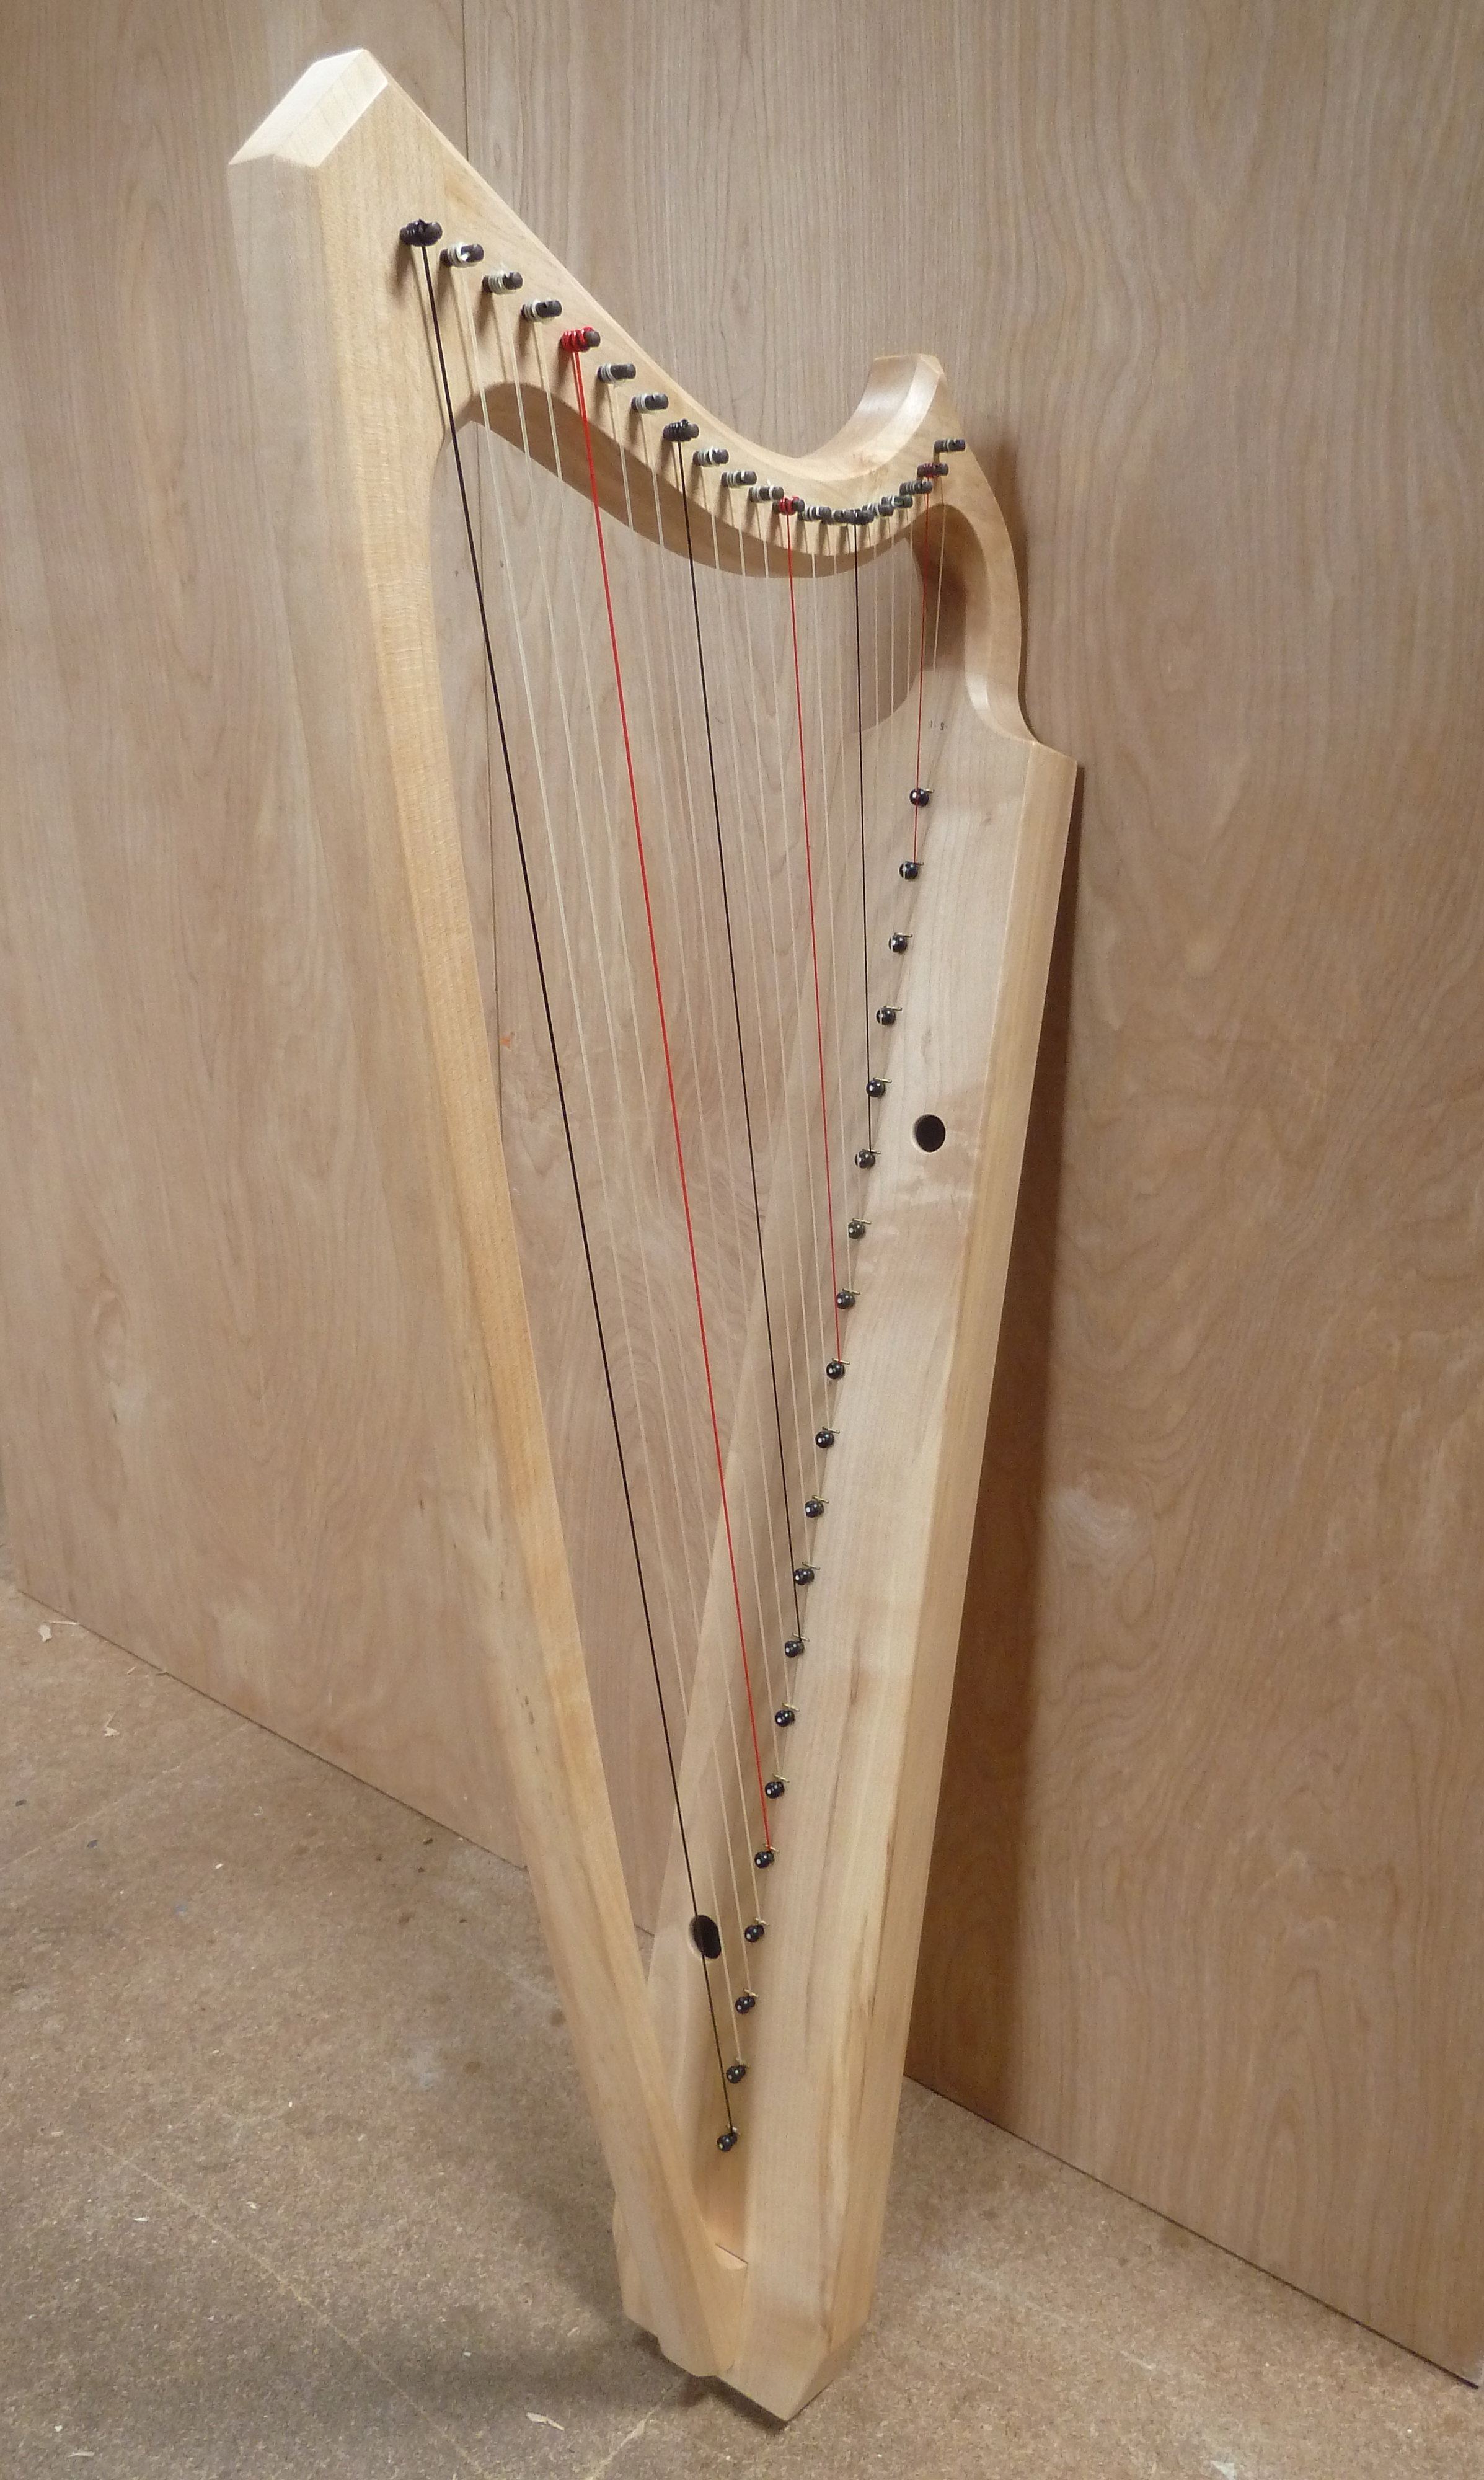 4. Sycamore (89cm)